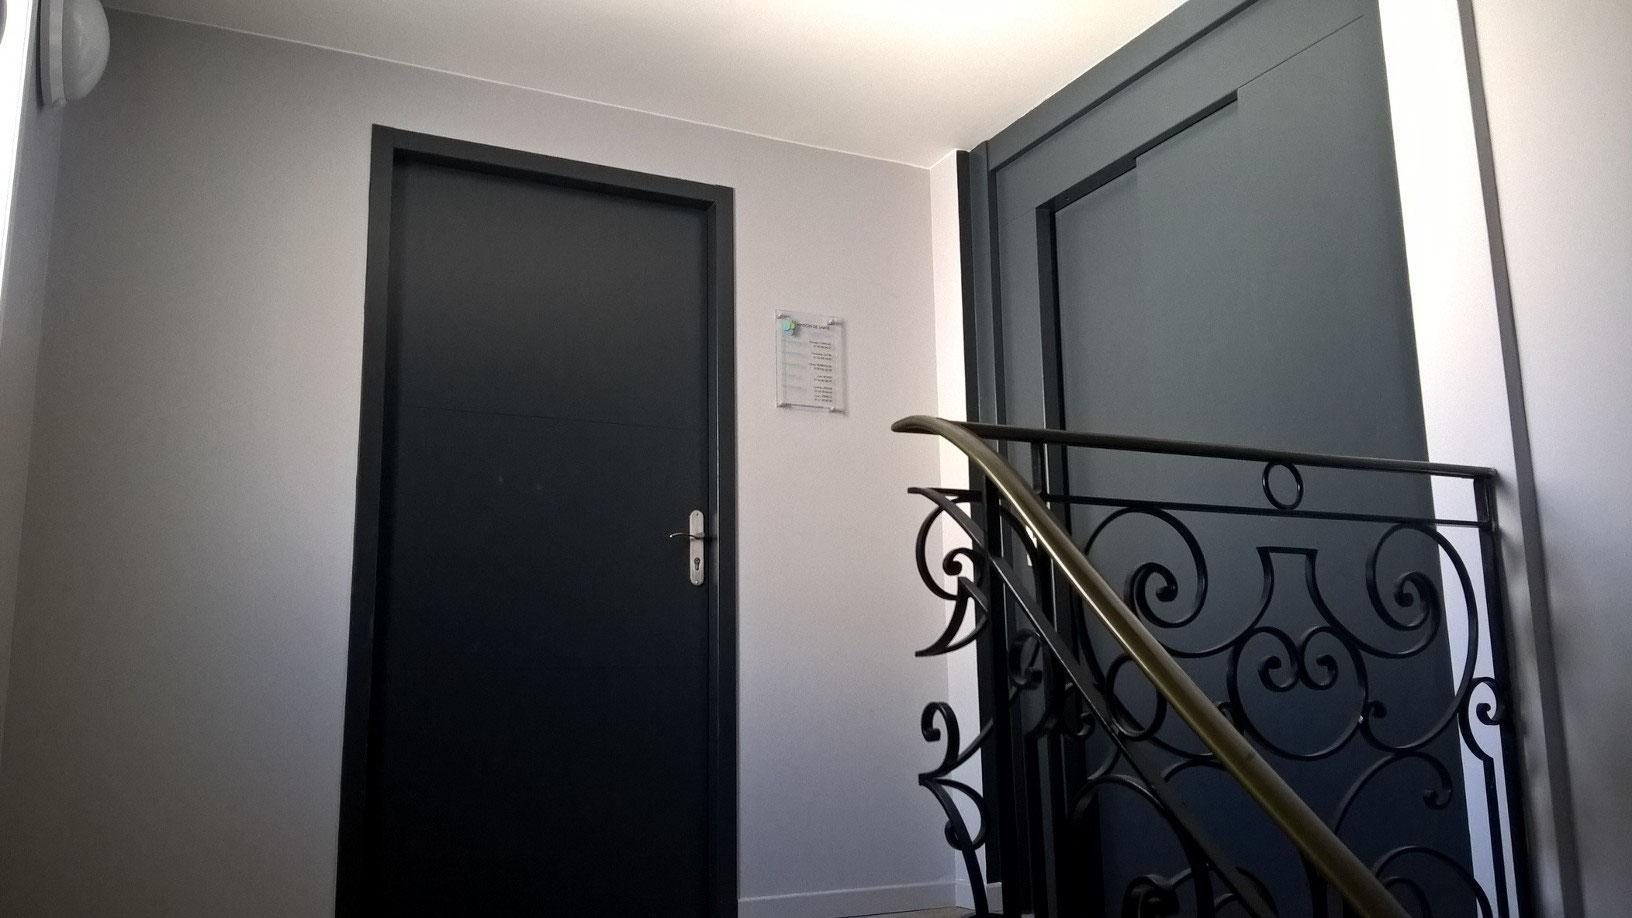 Cabinet cabinet d 39 echographie de grossesse et gyn cologique angoul me charente - Cabinet echographie bordeaux ...